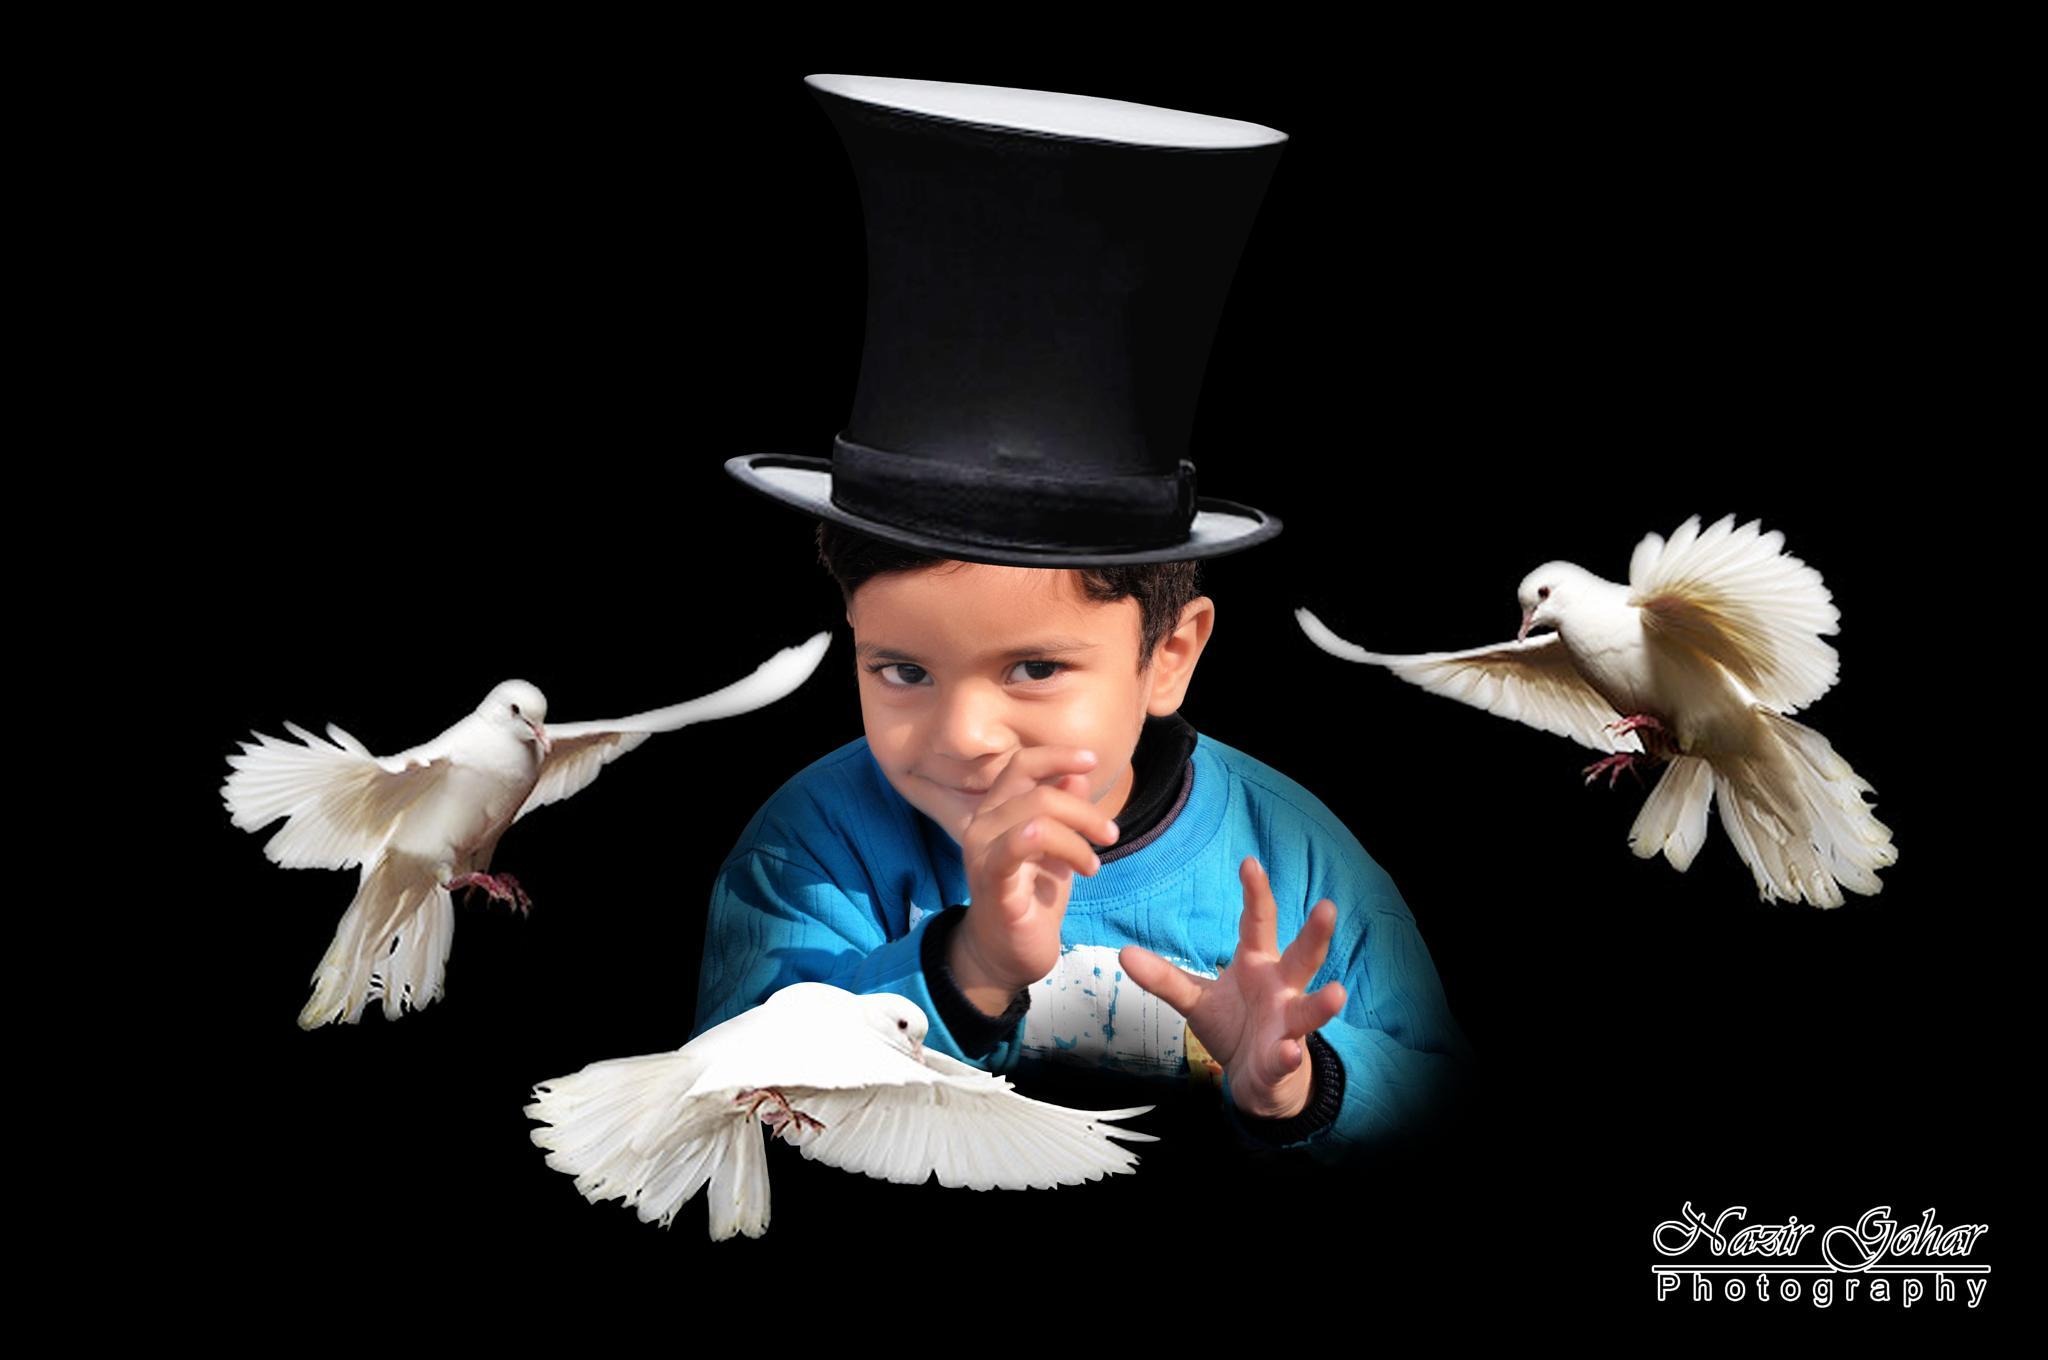 The Little Magician by Nazir Gohar